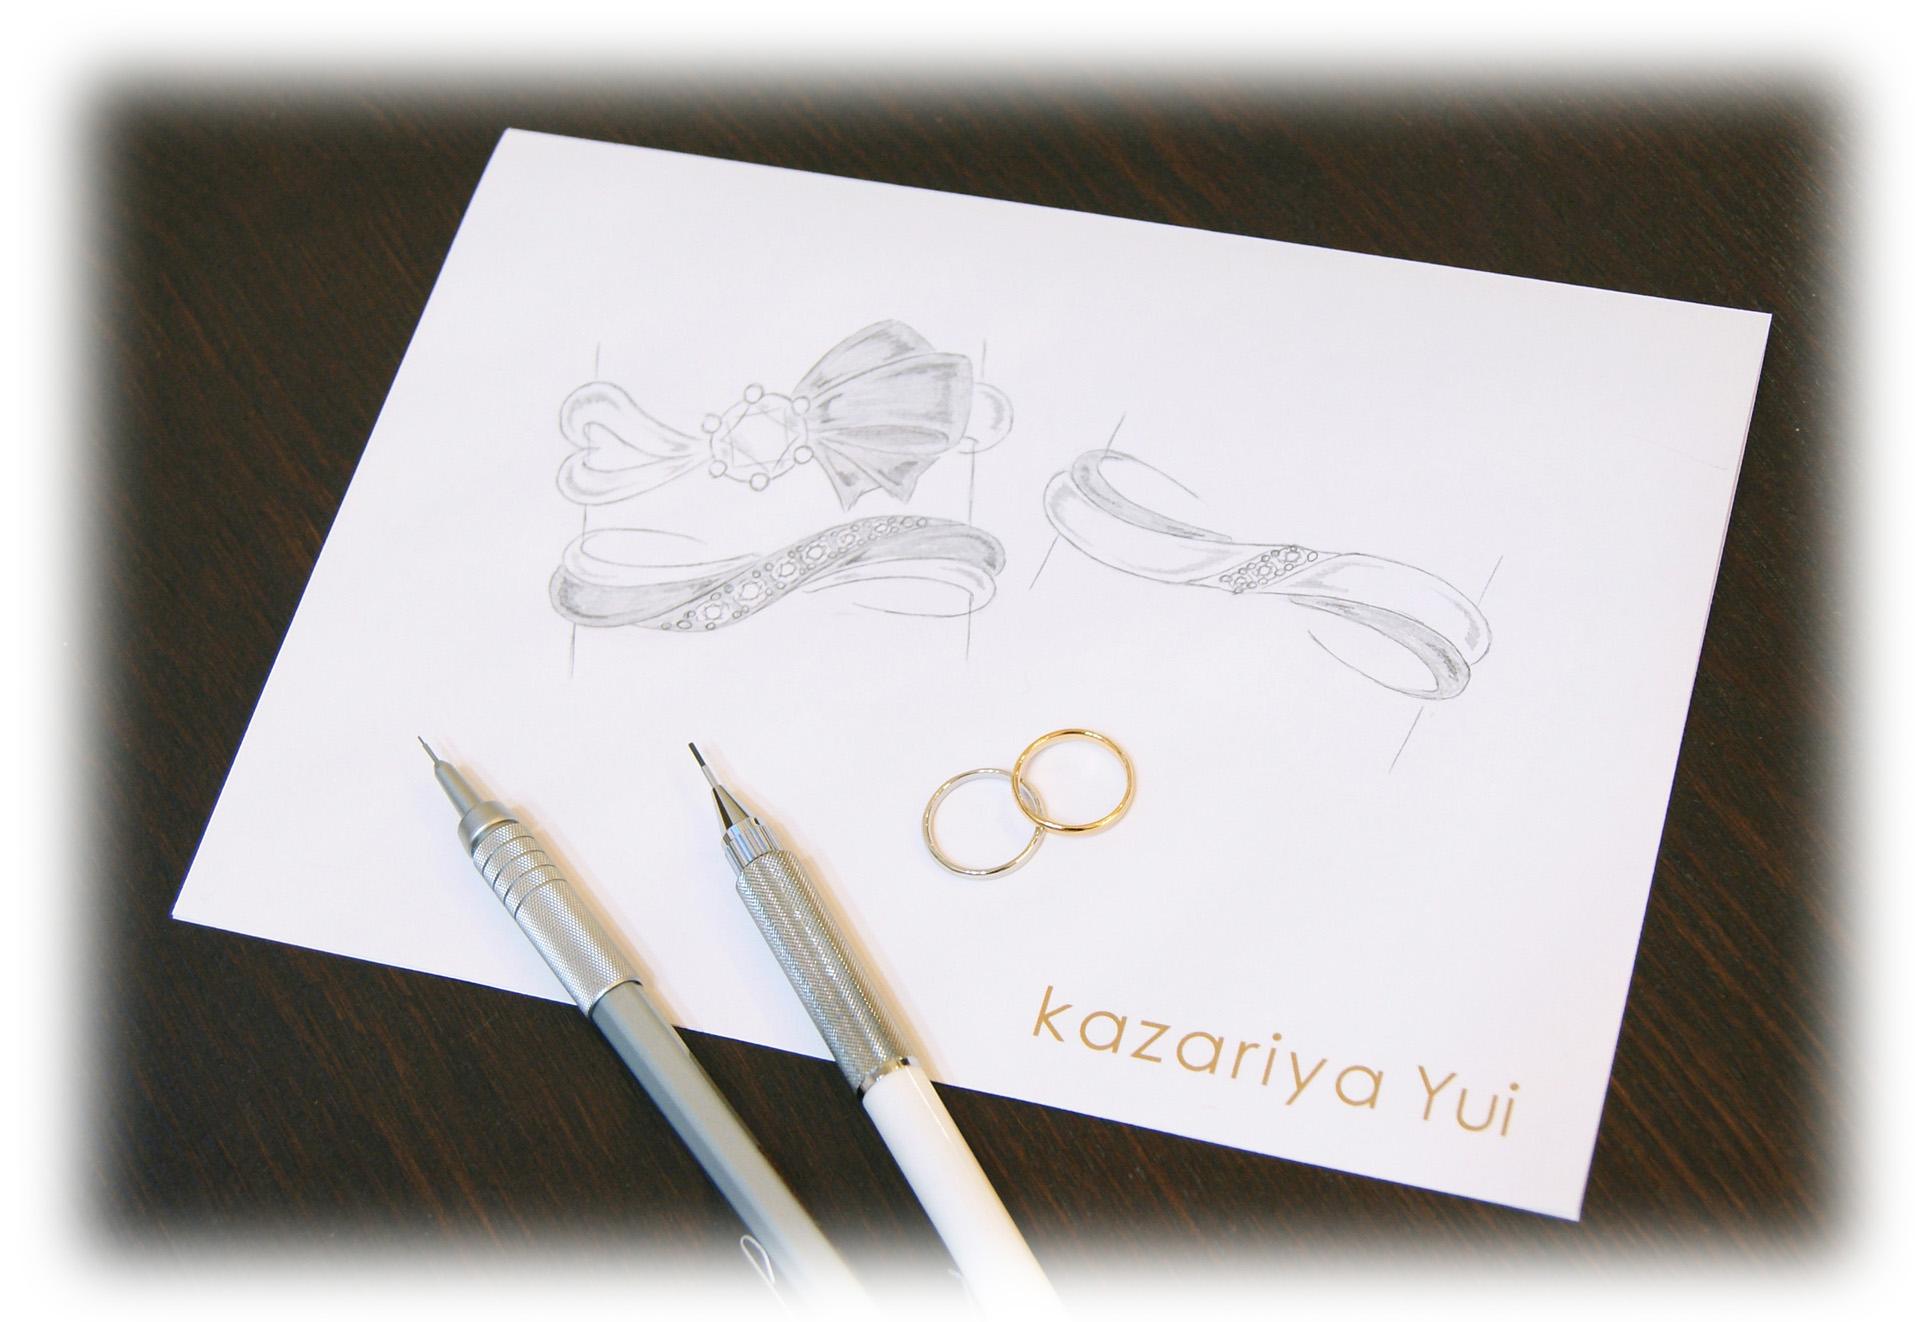 世界でふたりだけの結婚指輪/kazariyaYui福島県郡山市